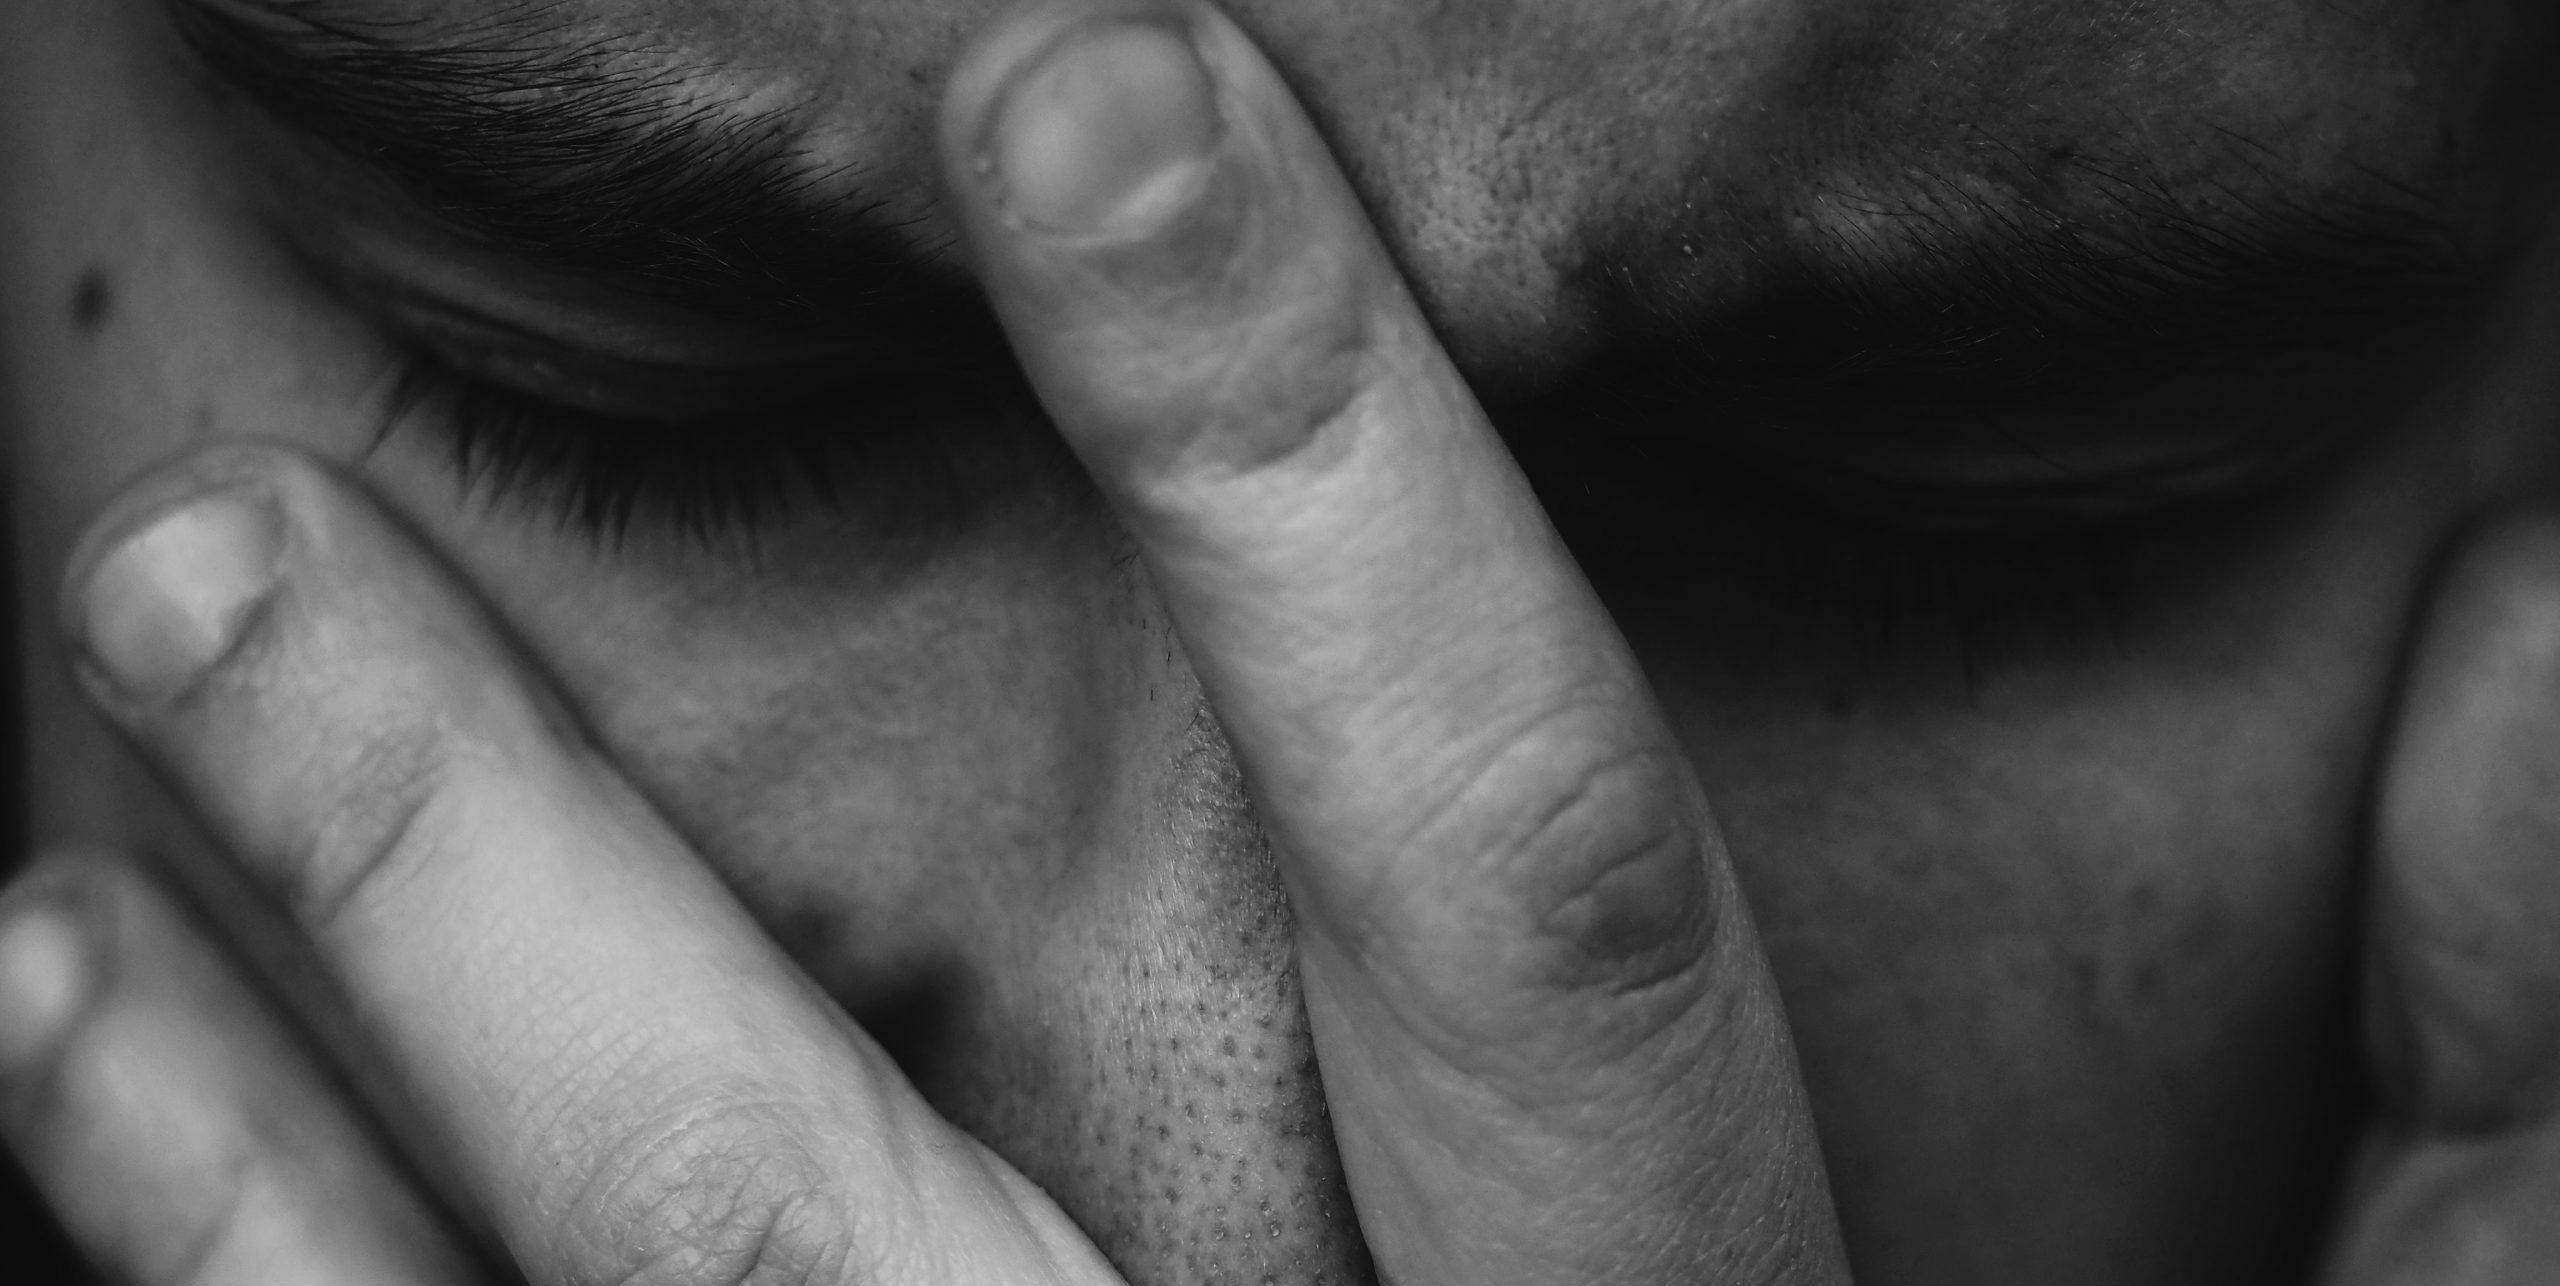 Megcsaltam a feleségem, megbuktam mint férj…